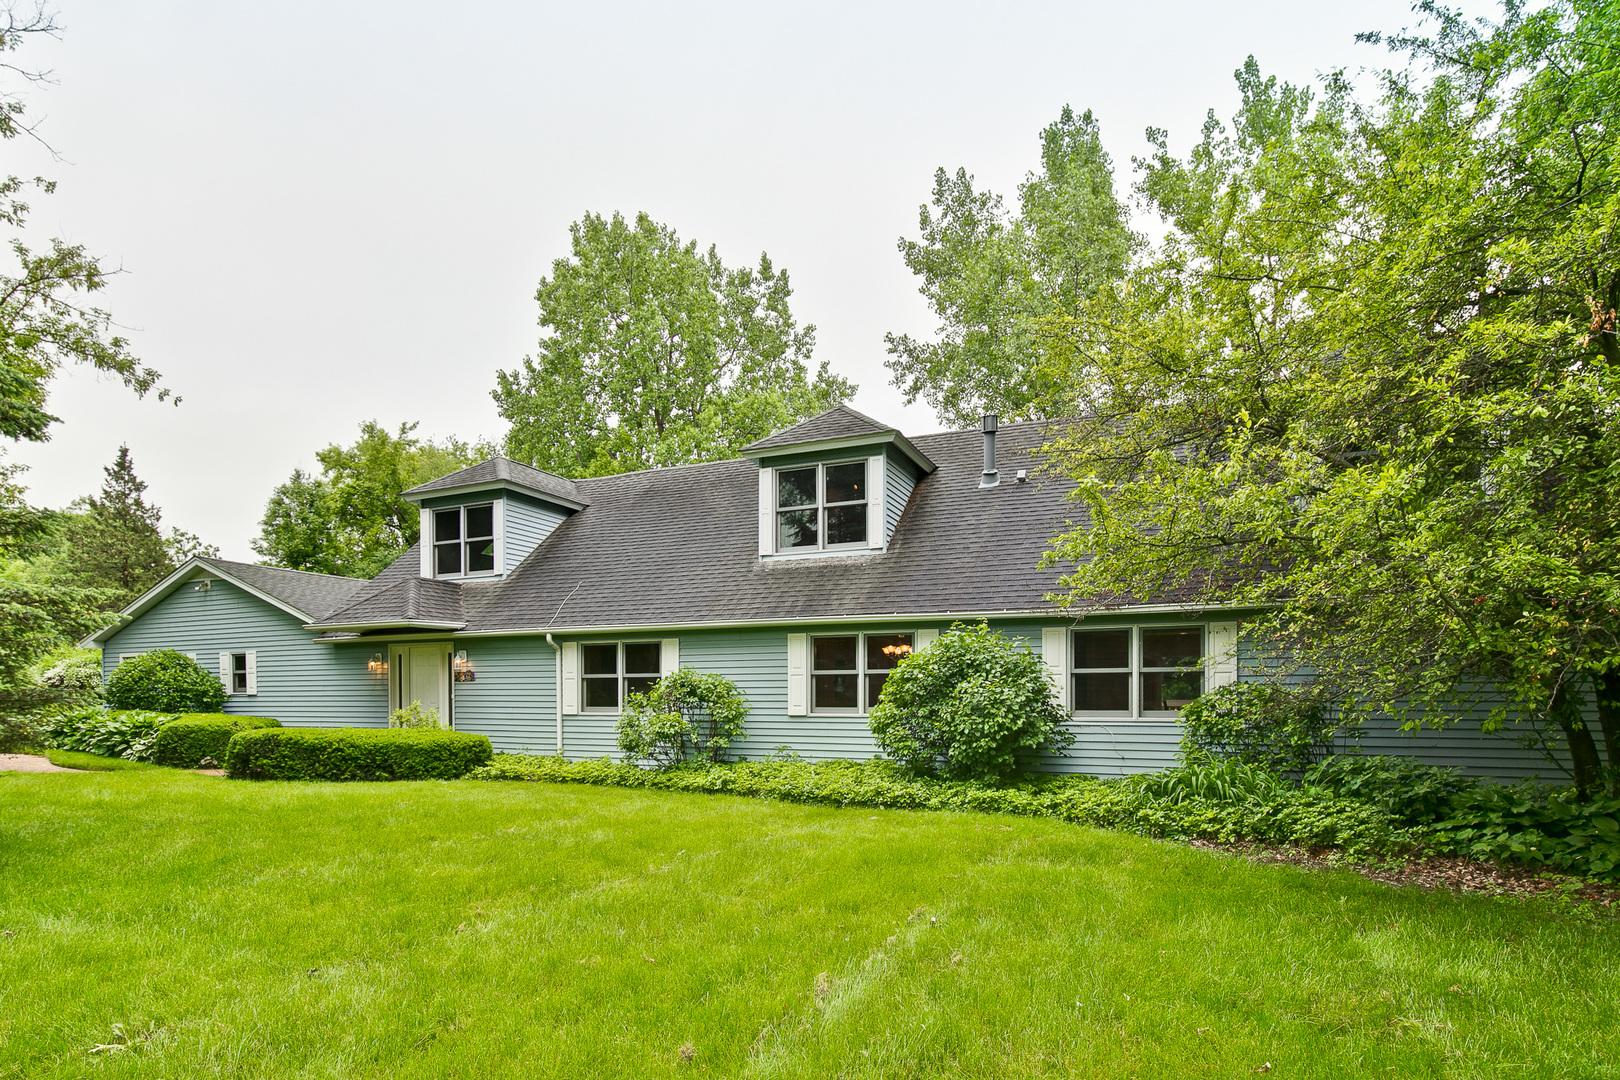 255 Ridgeway Lane, Libertyville, Illinois 60048